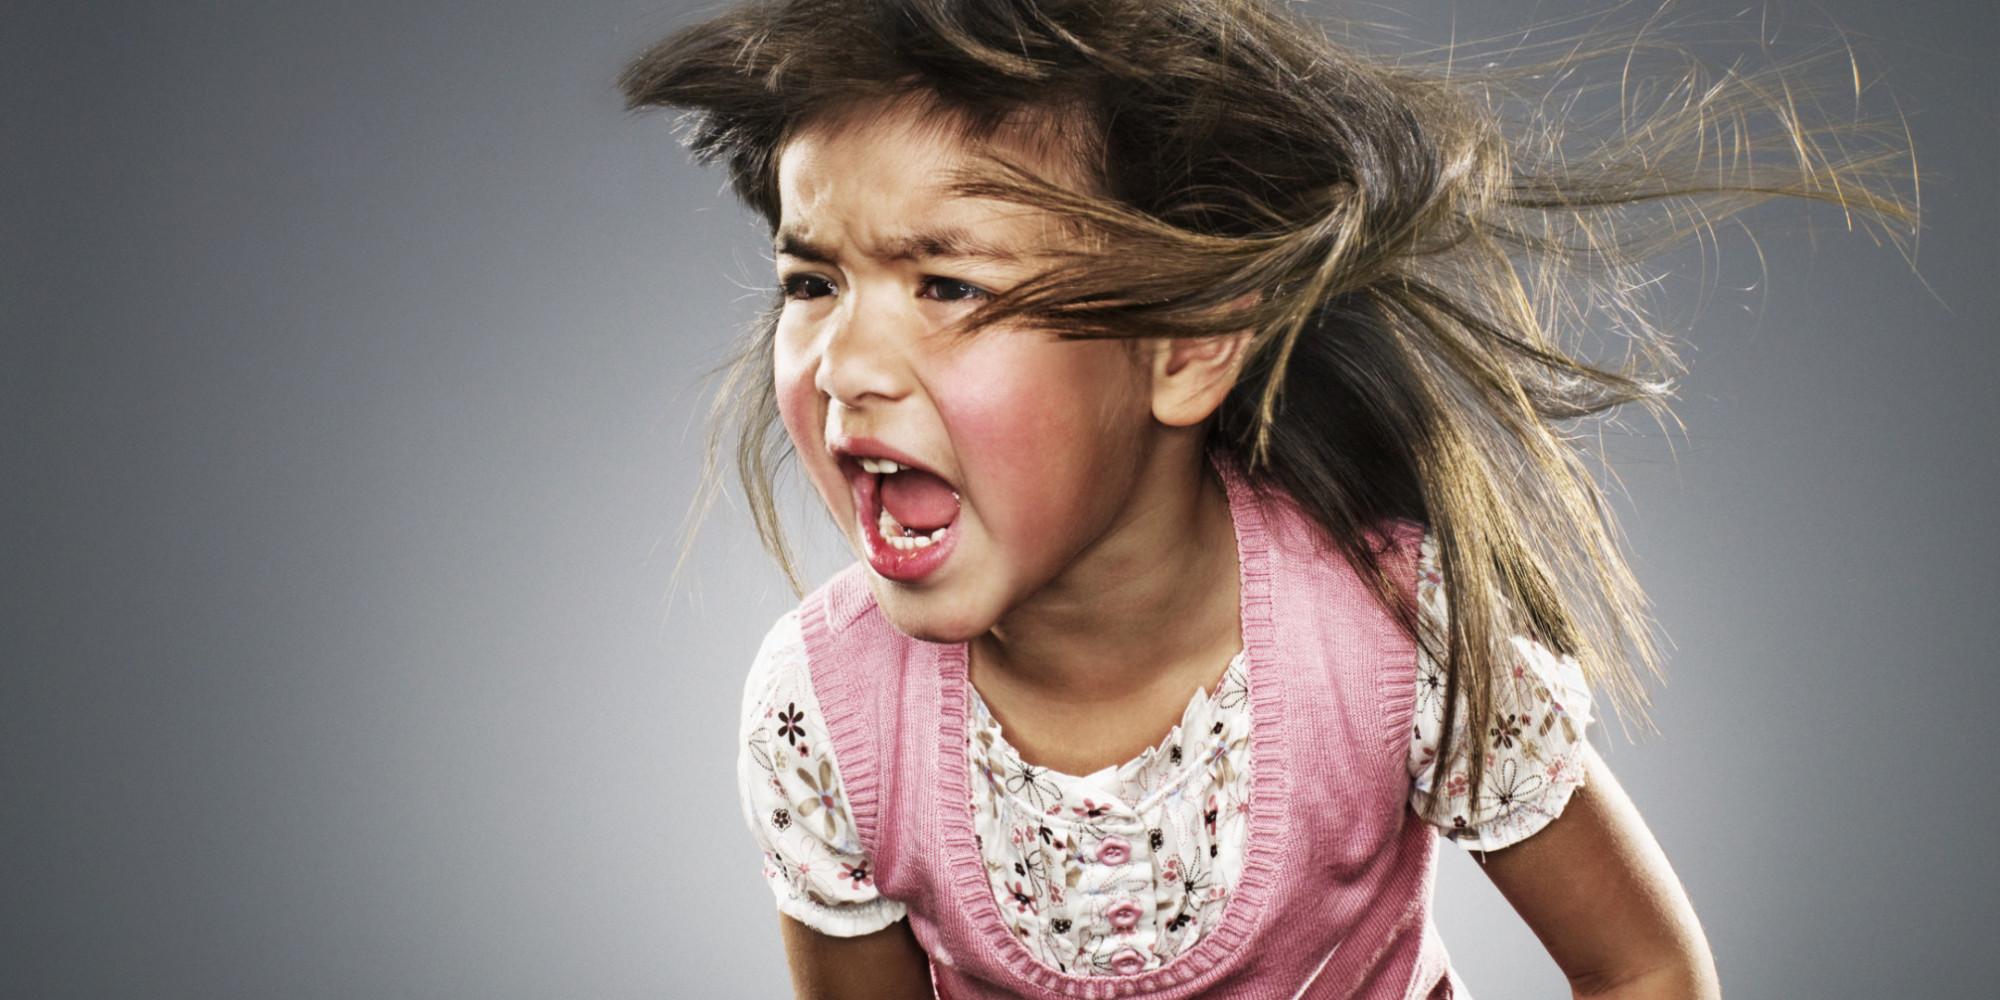 Τεχνικές Διαχείρισης Εκρήξεων Θυμού Παιδιού και Νηπίου